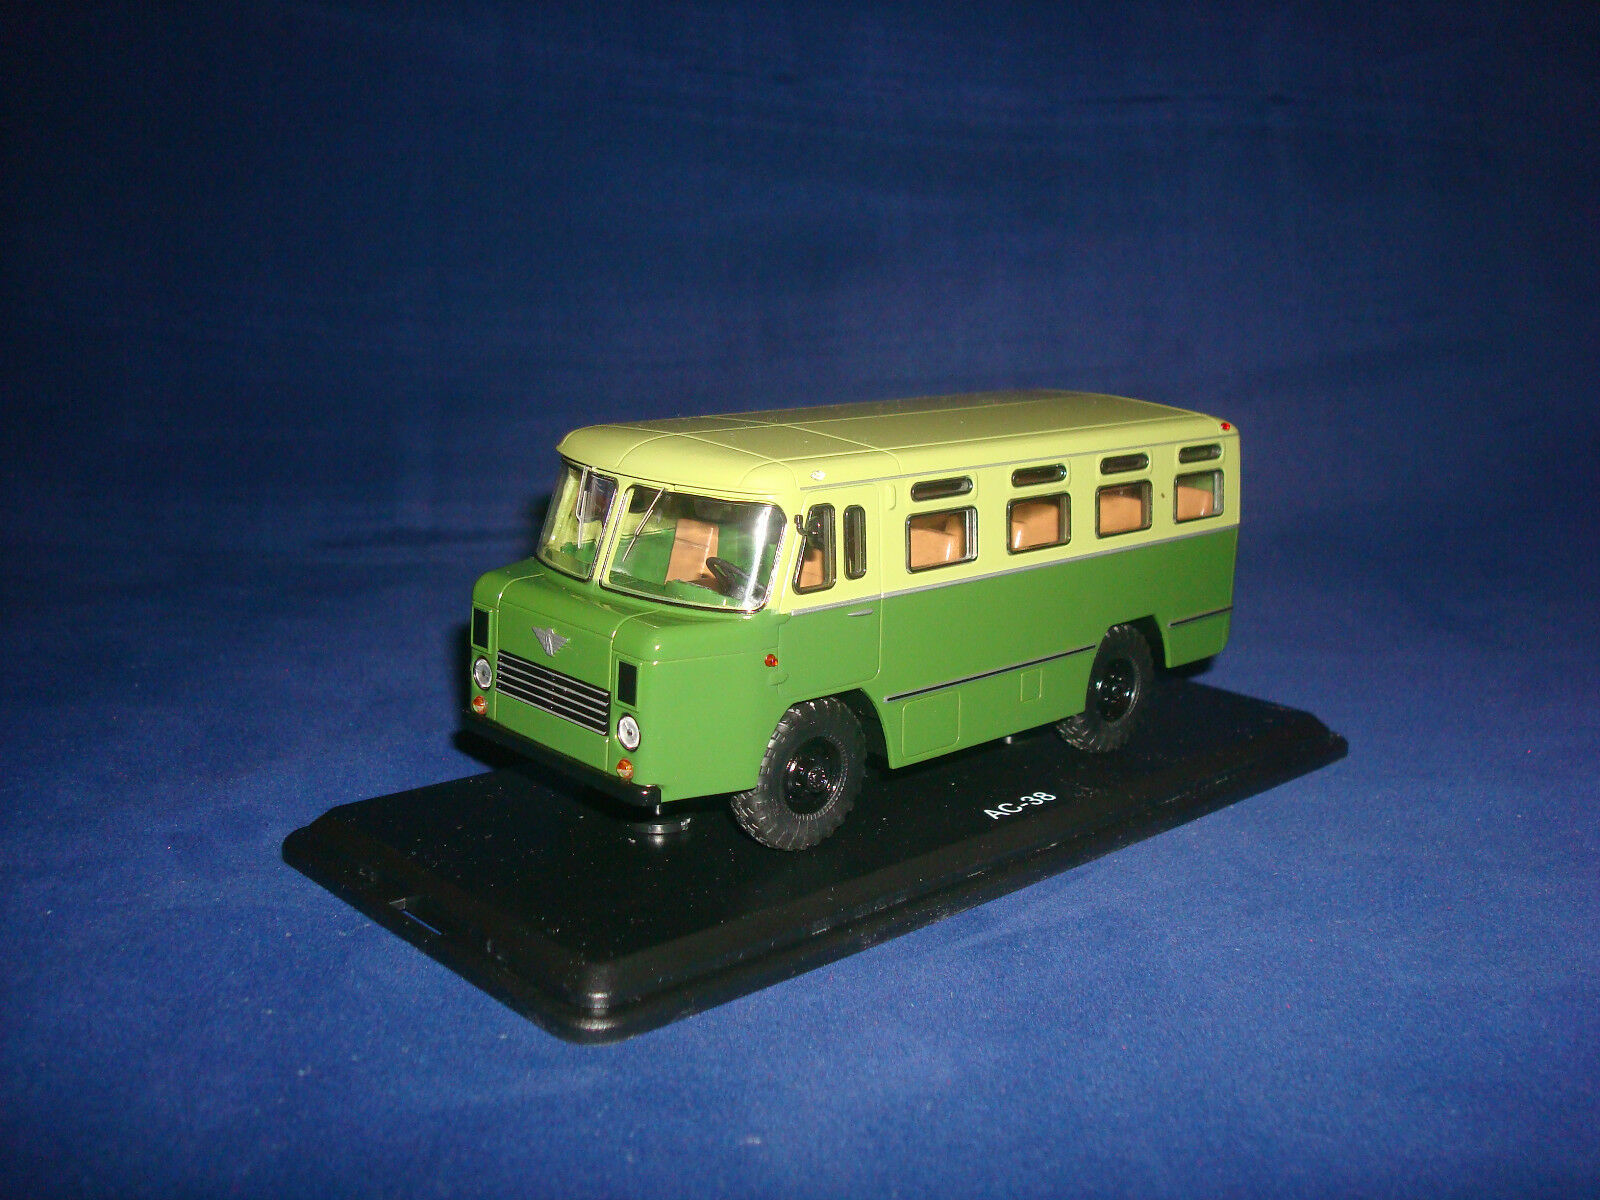 Entrega gratuita y rápida disponible. Bus del ejército ejército ejército como 38 Caqui SSM de dos tonos 4013 1 43  precios bajos